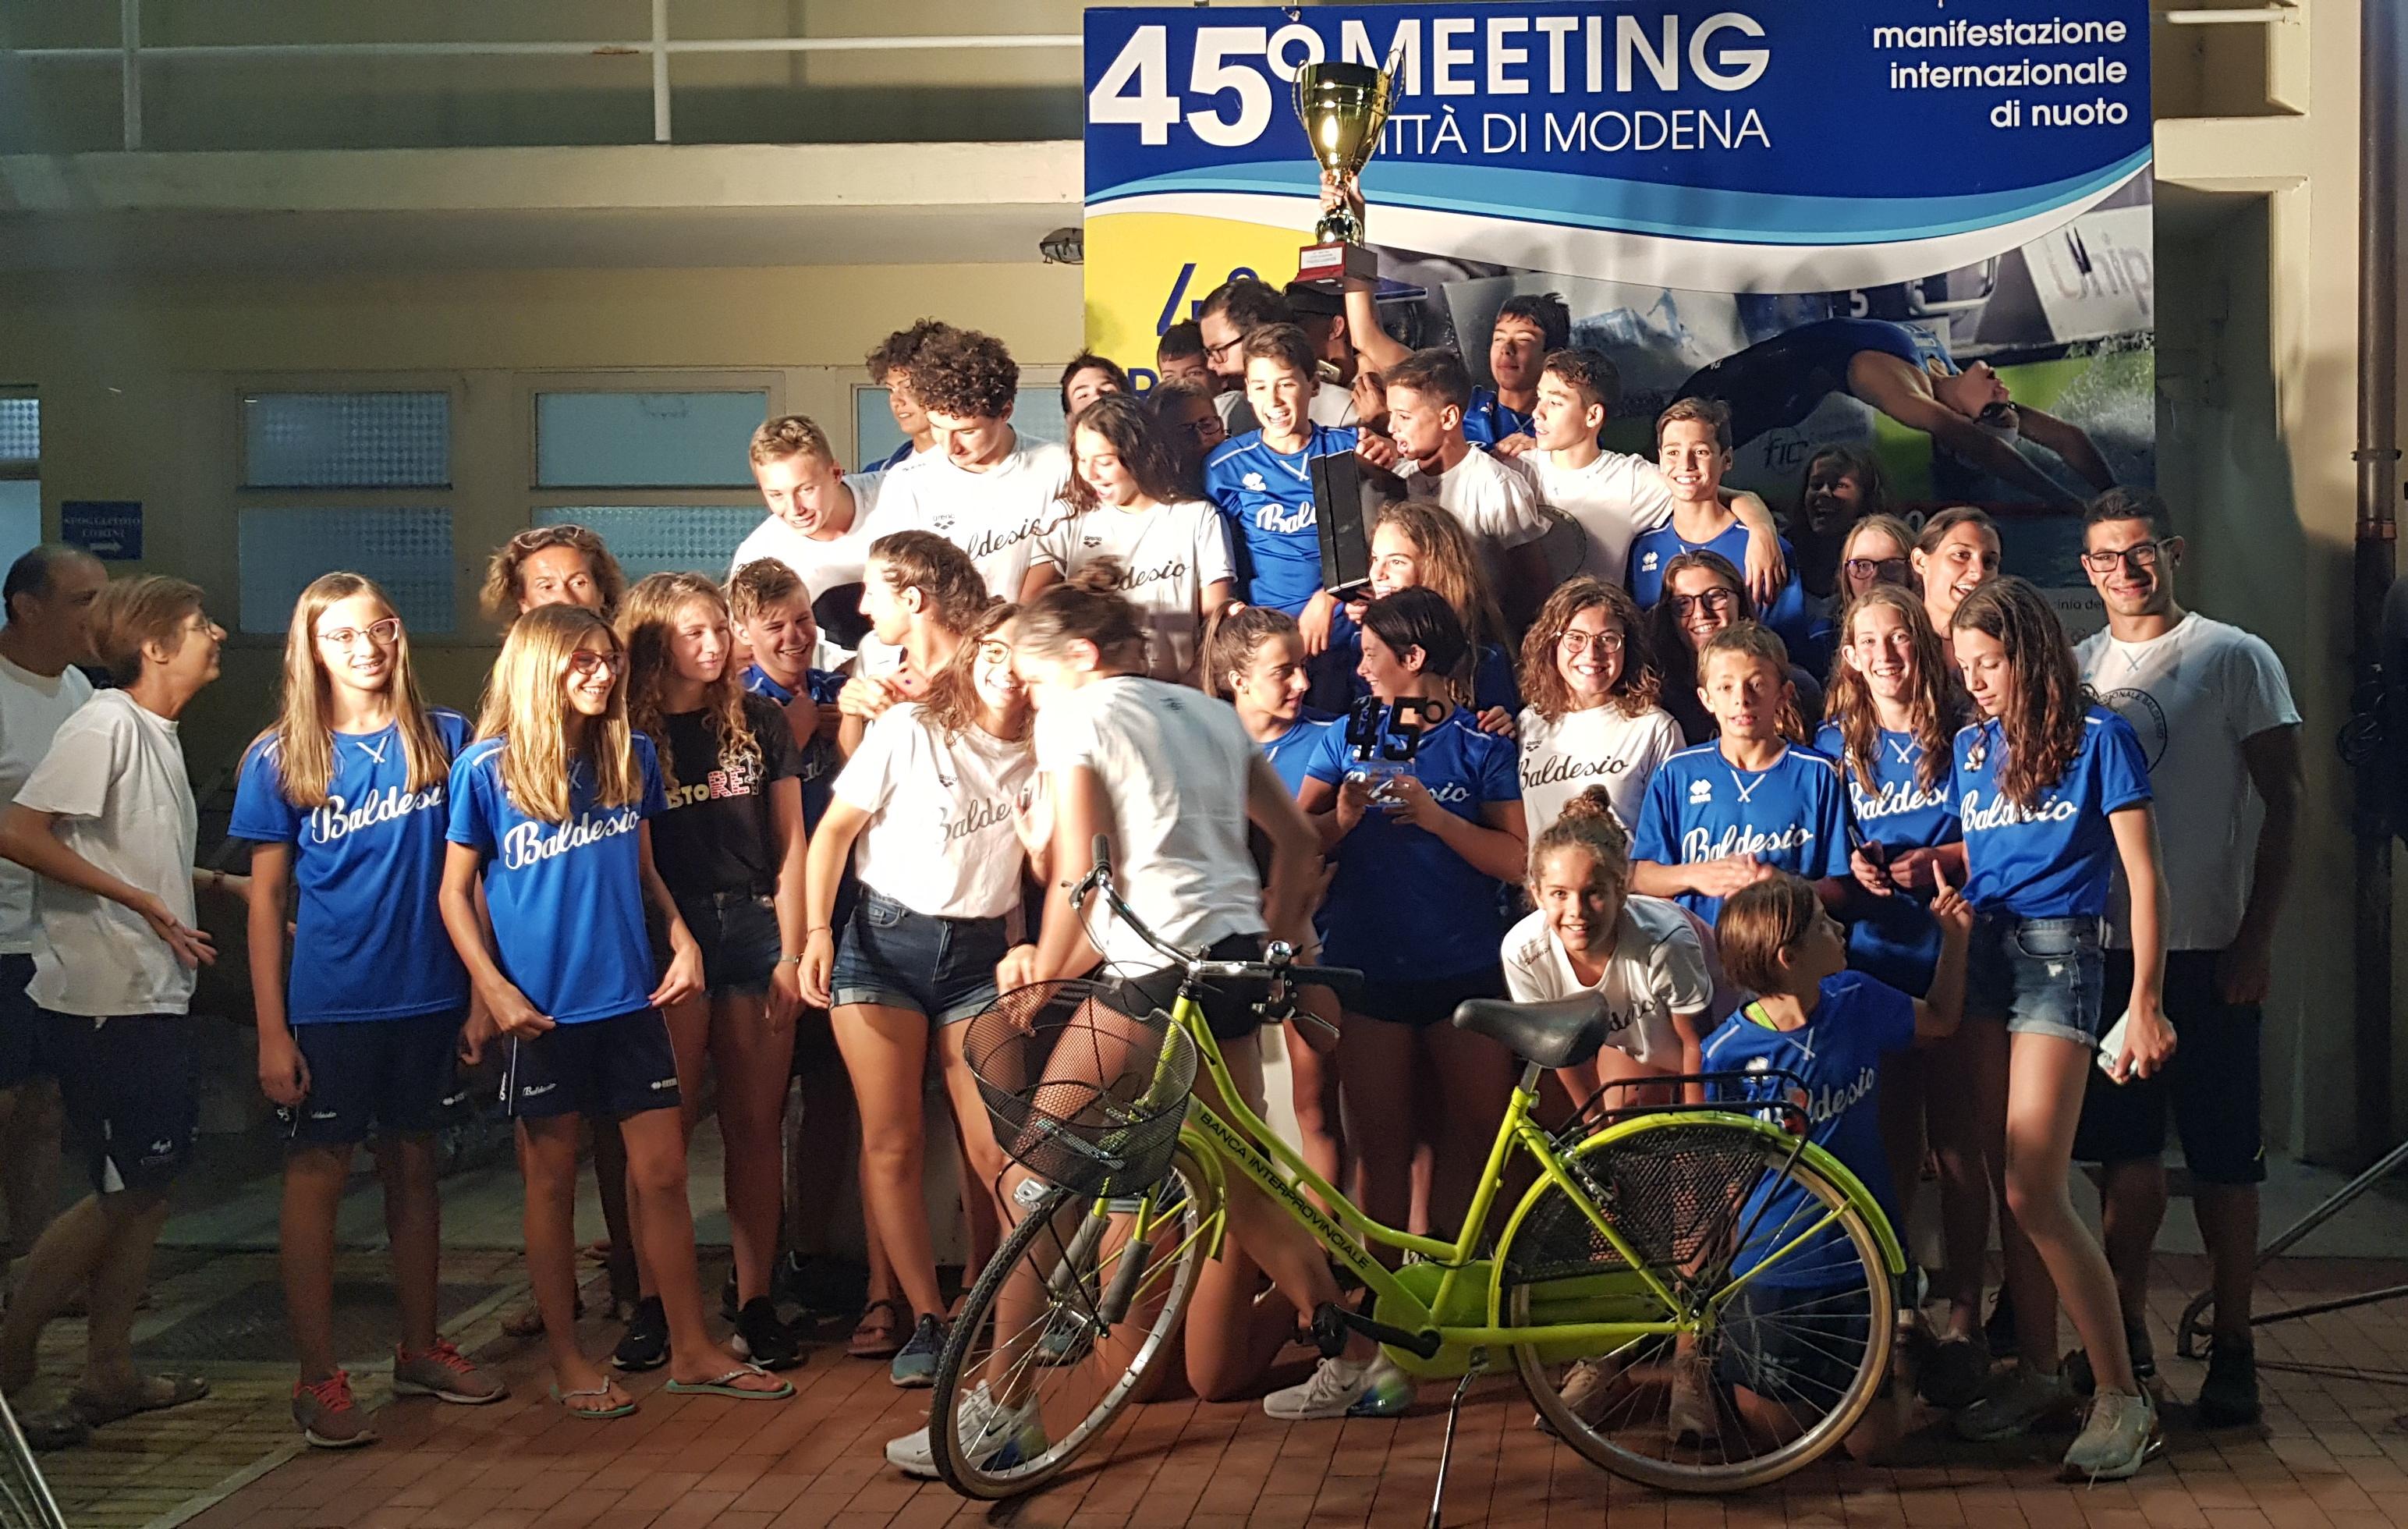 45° Città di Modena:  grazie e arrivederci